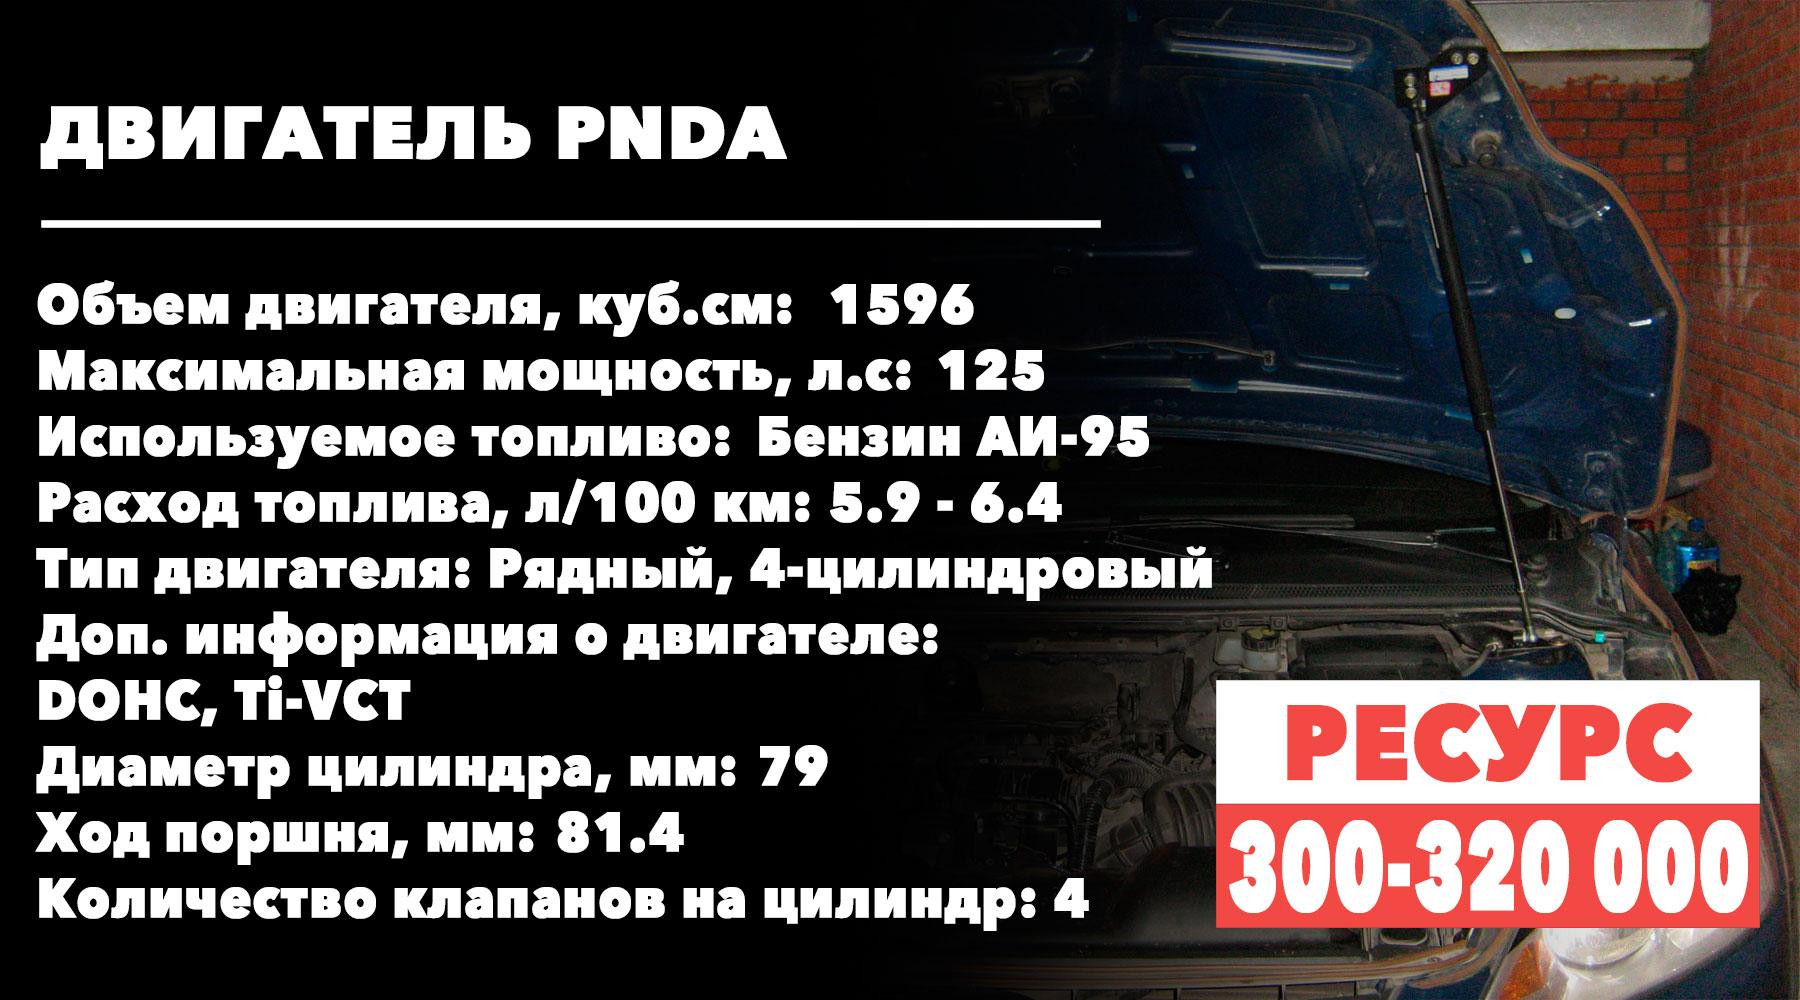 Срок-службы 1.6-литровых-моторов Ford Focus (PNDA)